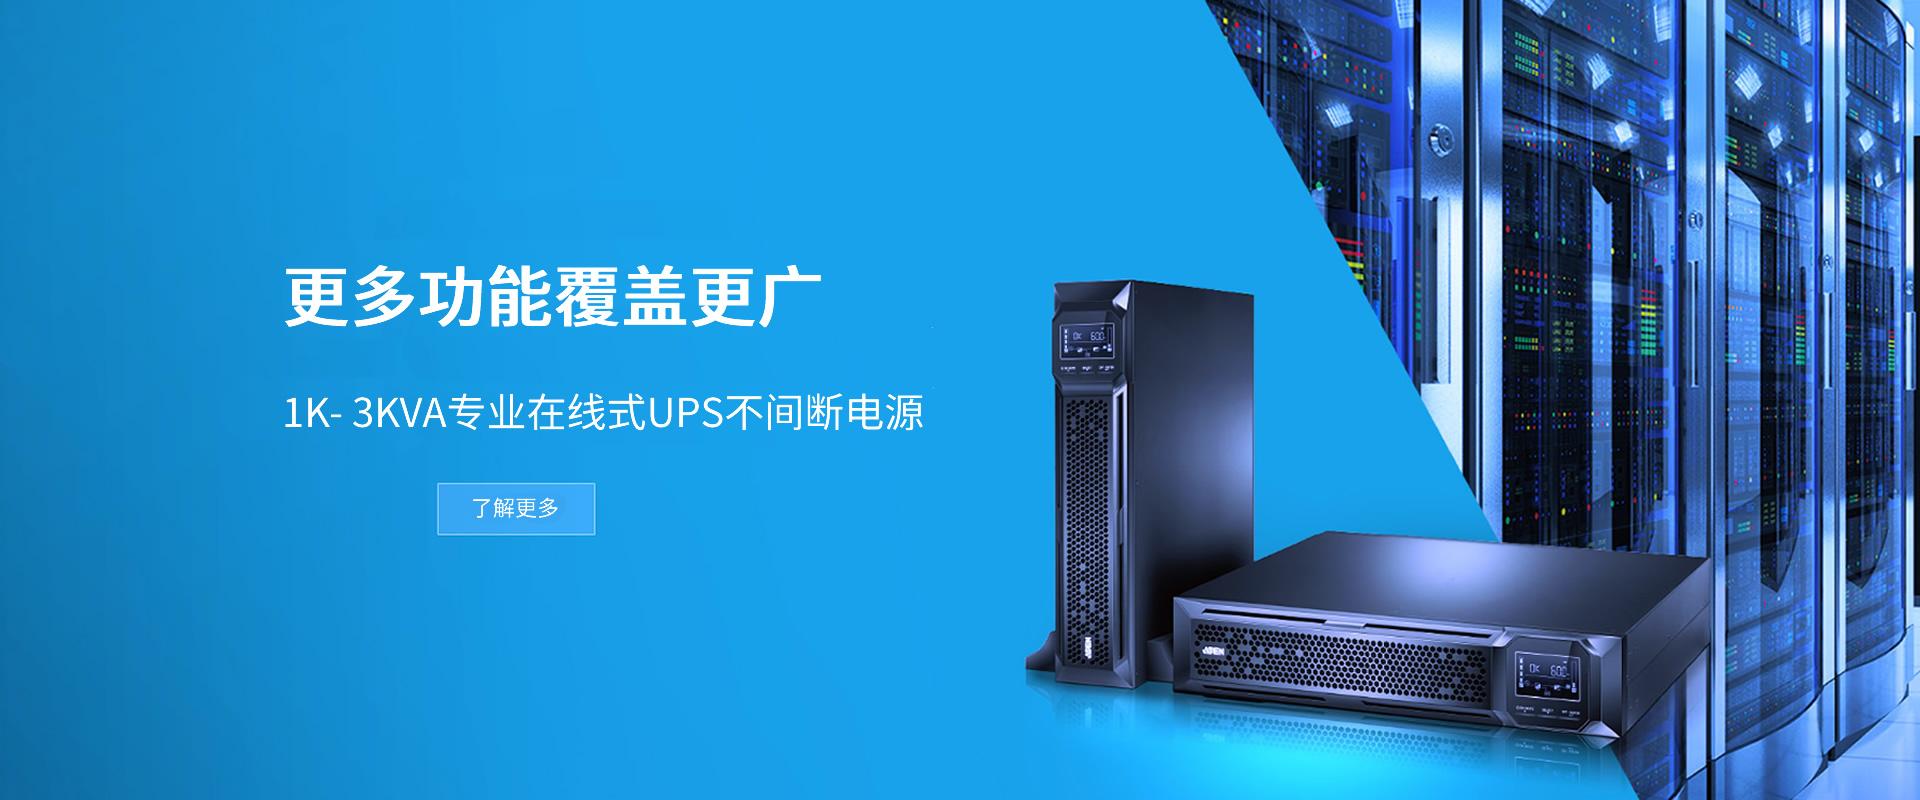 西安亿阳KVM切换器